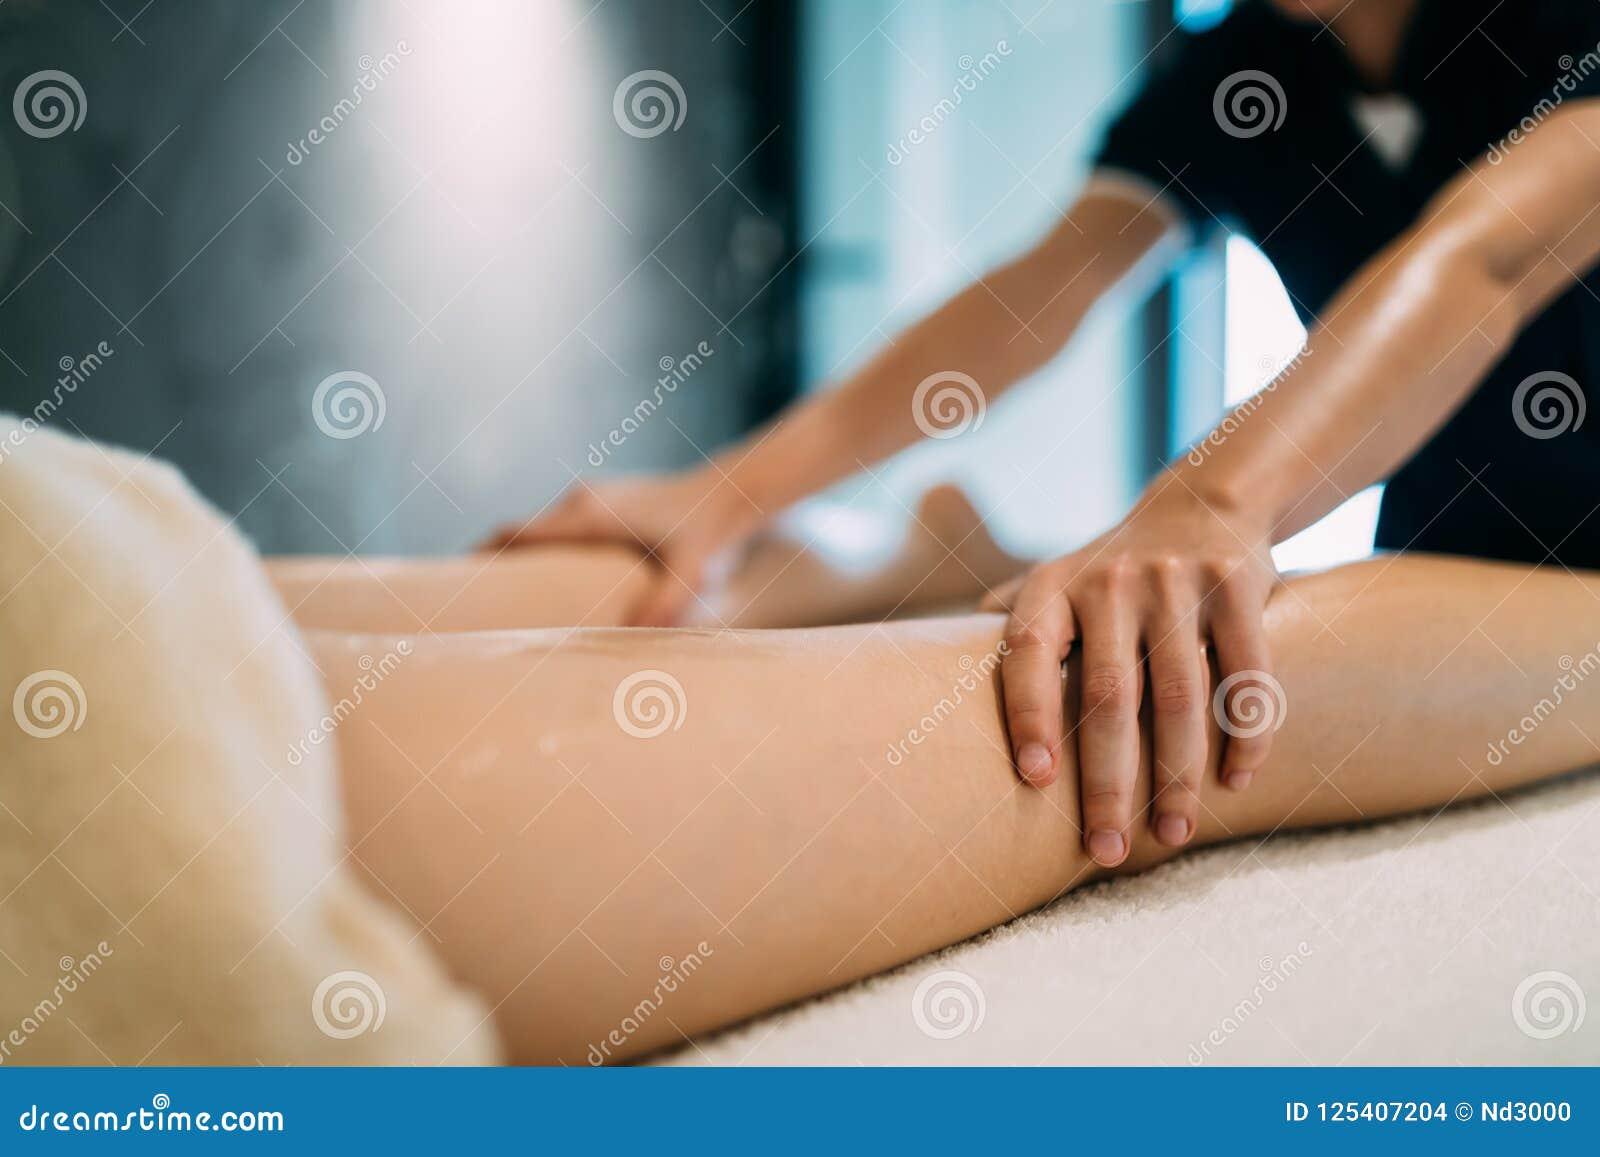 Massagista que faz massagens o massagista durante o tretment terapêutico